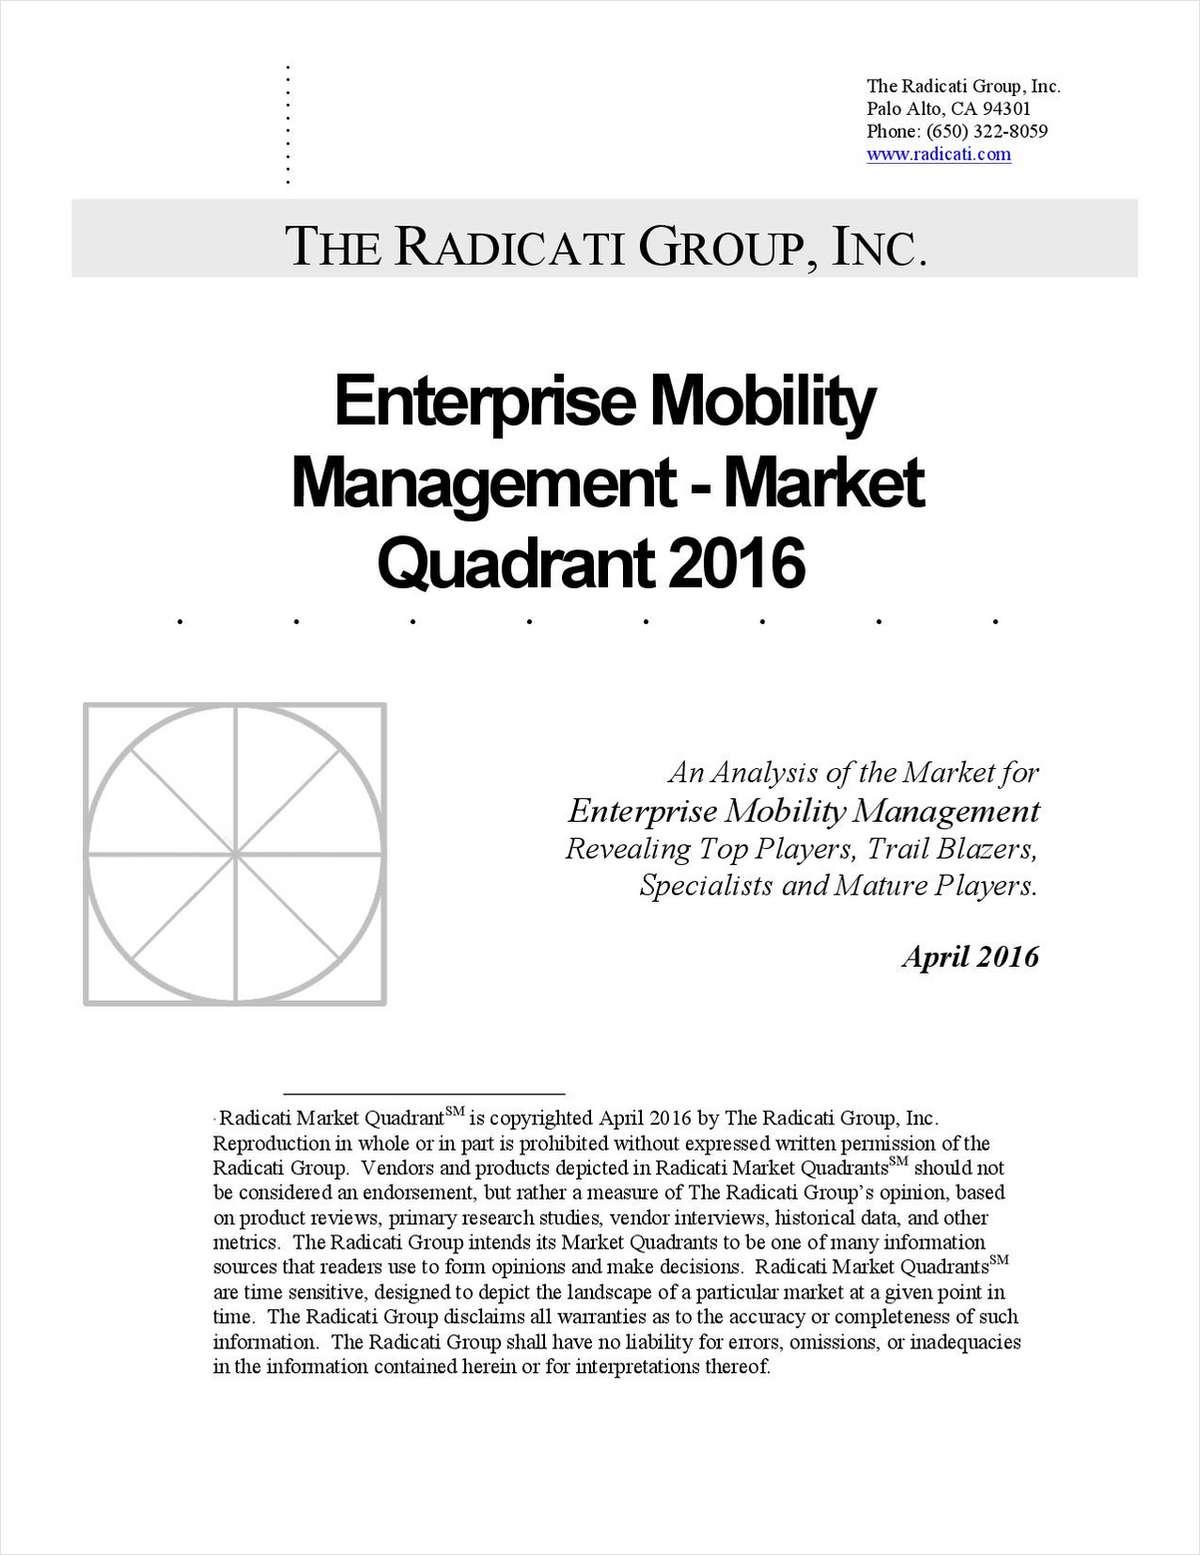 Enterprise Mobility Management - Market Quadrant, 2016